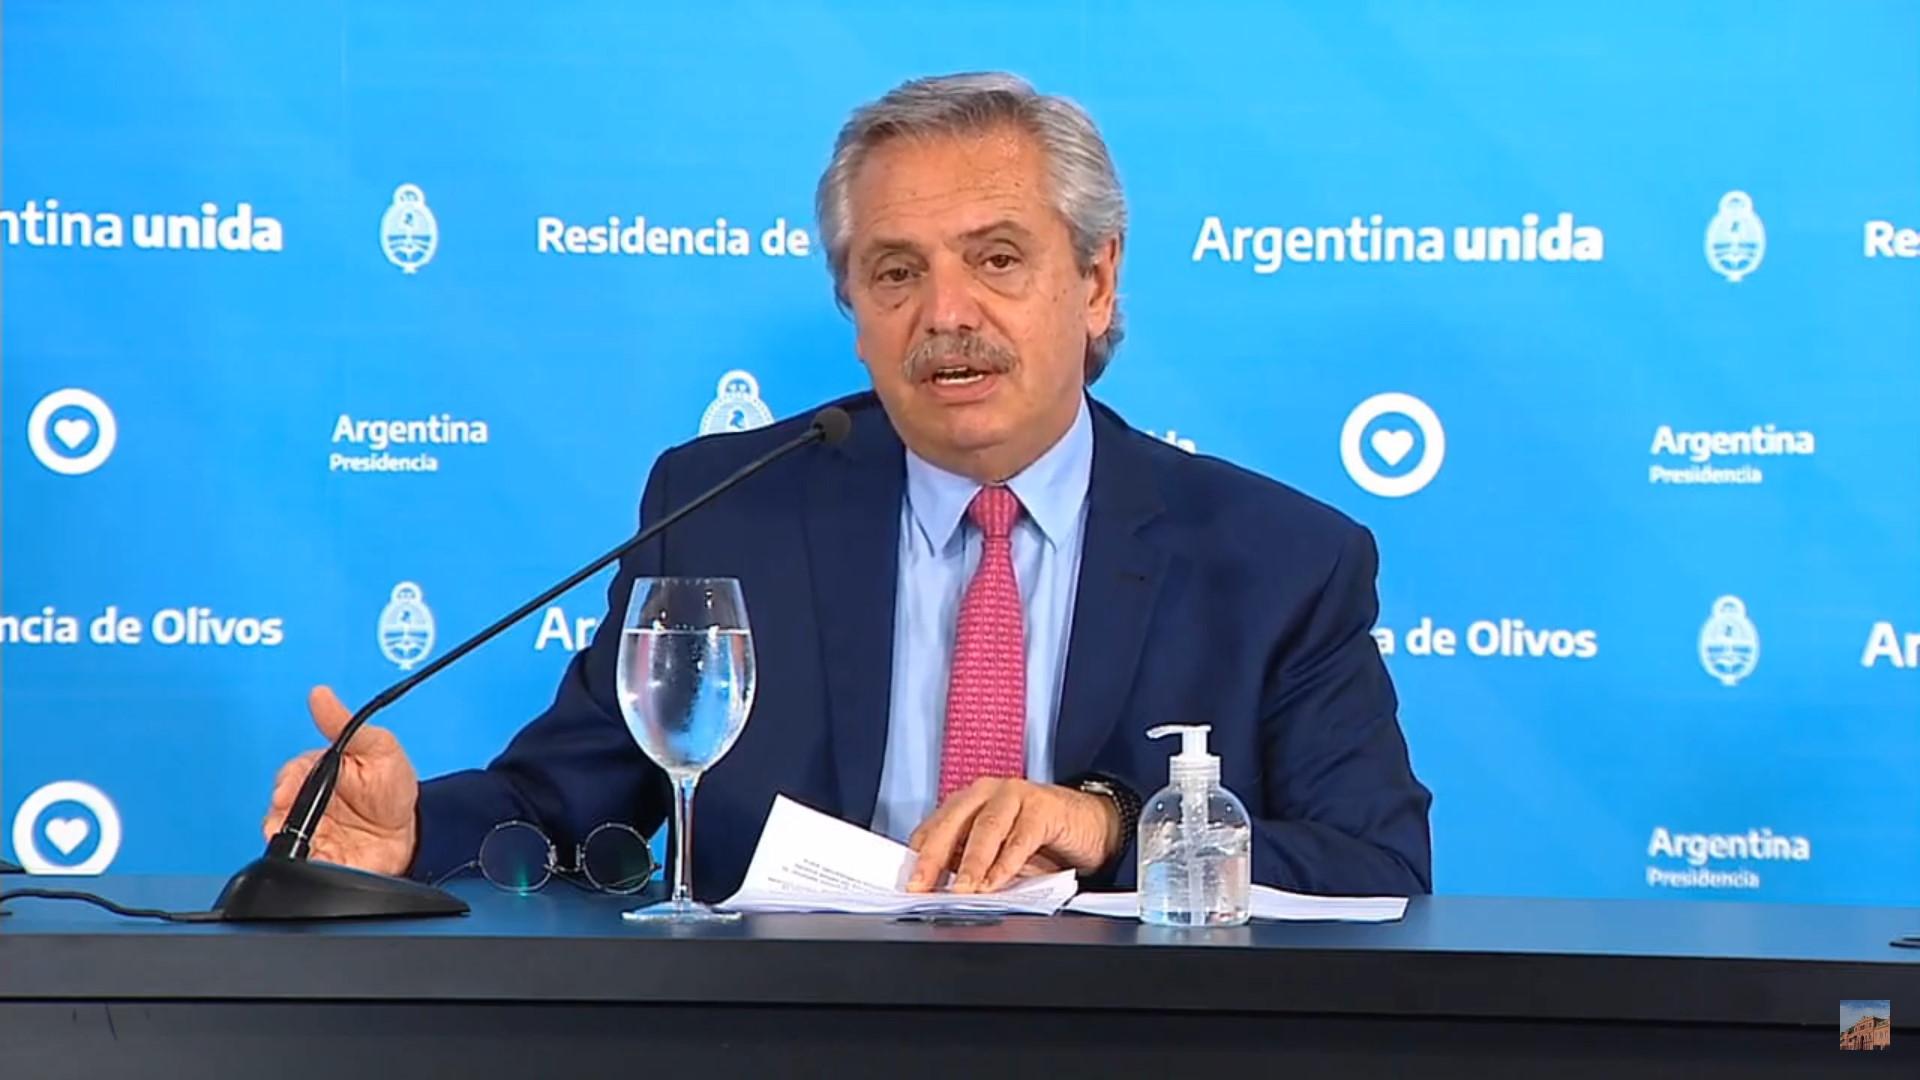 El presidente Alberto Fernandez en conferencia de prensa